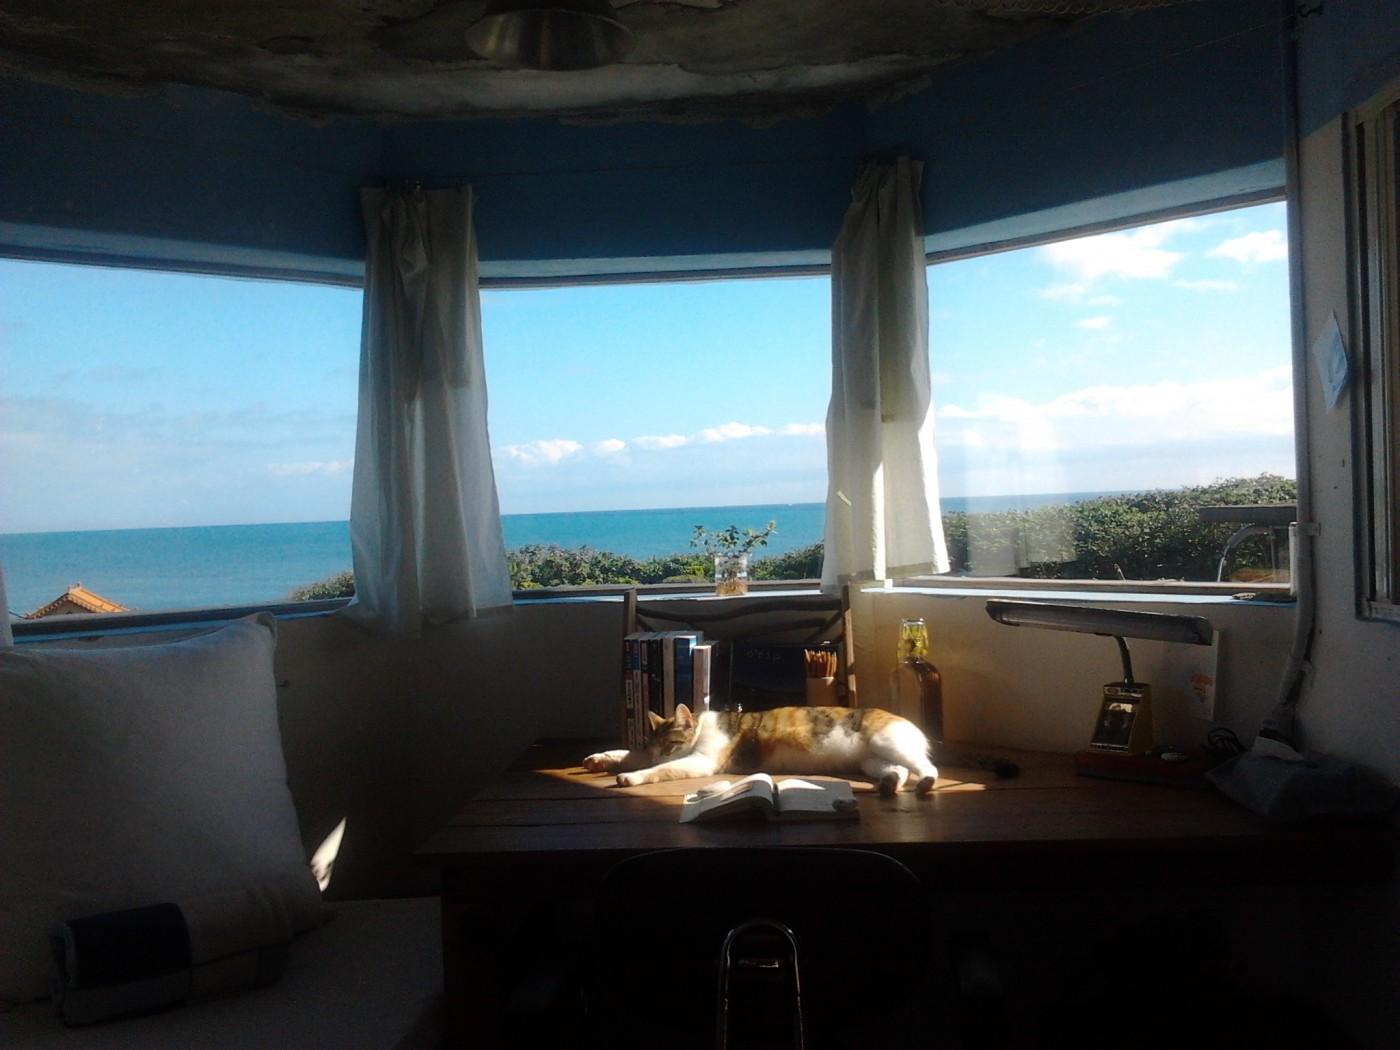 住在花蓮海邊的碉堡,享受像家一樣的生活───自己家 / 住海邊 / 大碉堡 - 華安 - ceo.lin的博客